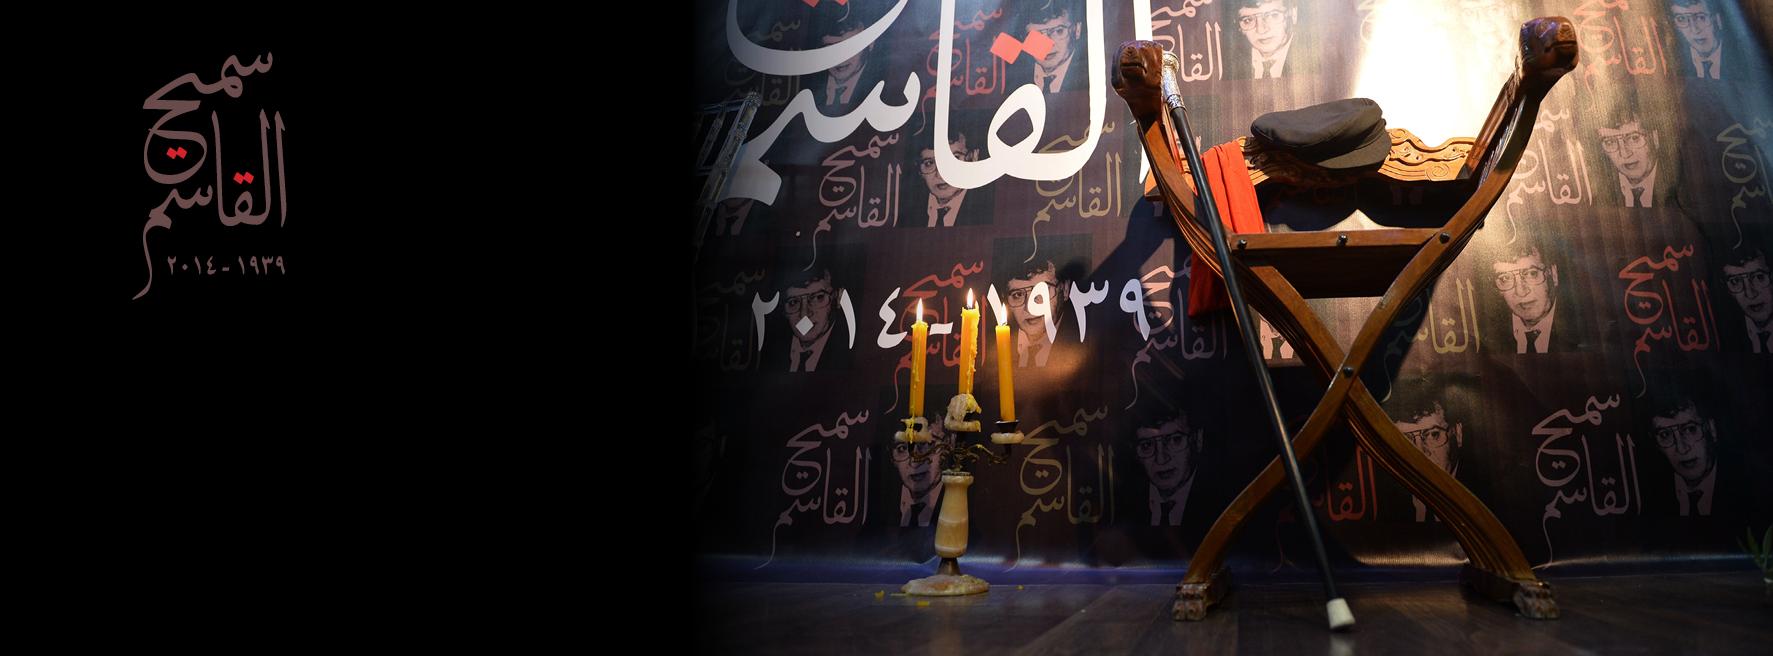 مؤسسة سميح القاسم تصدر قصيدة جلجامش وتحضيرات لأمسية في رام الله